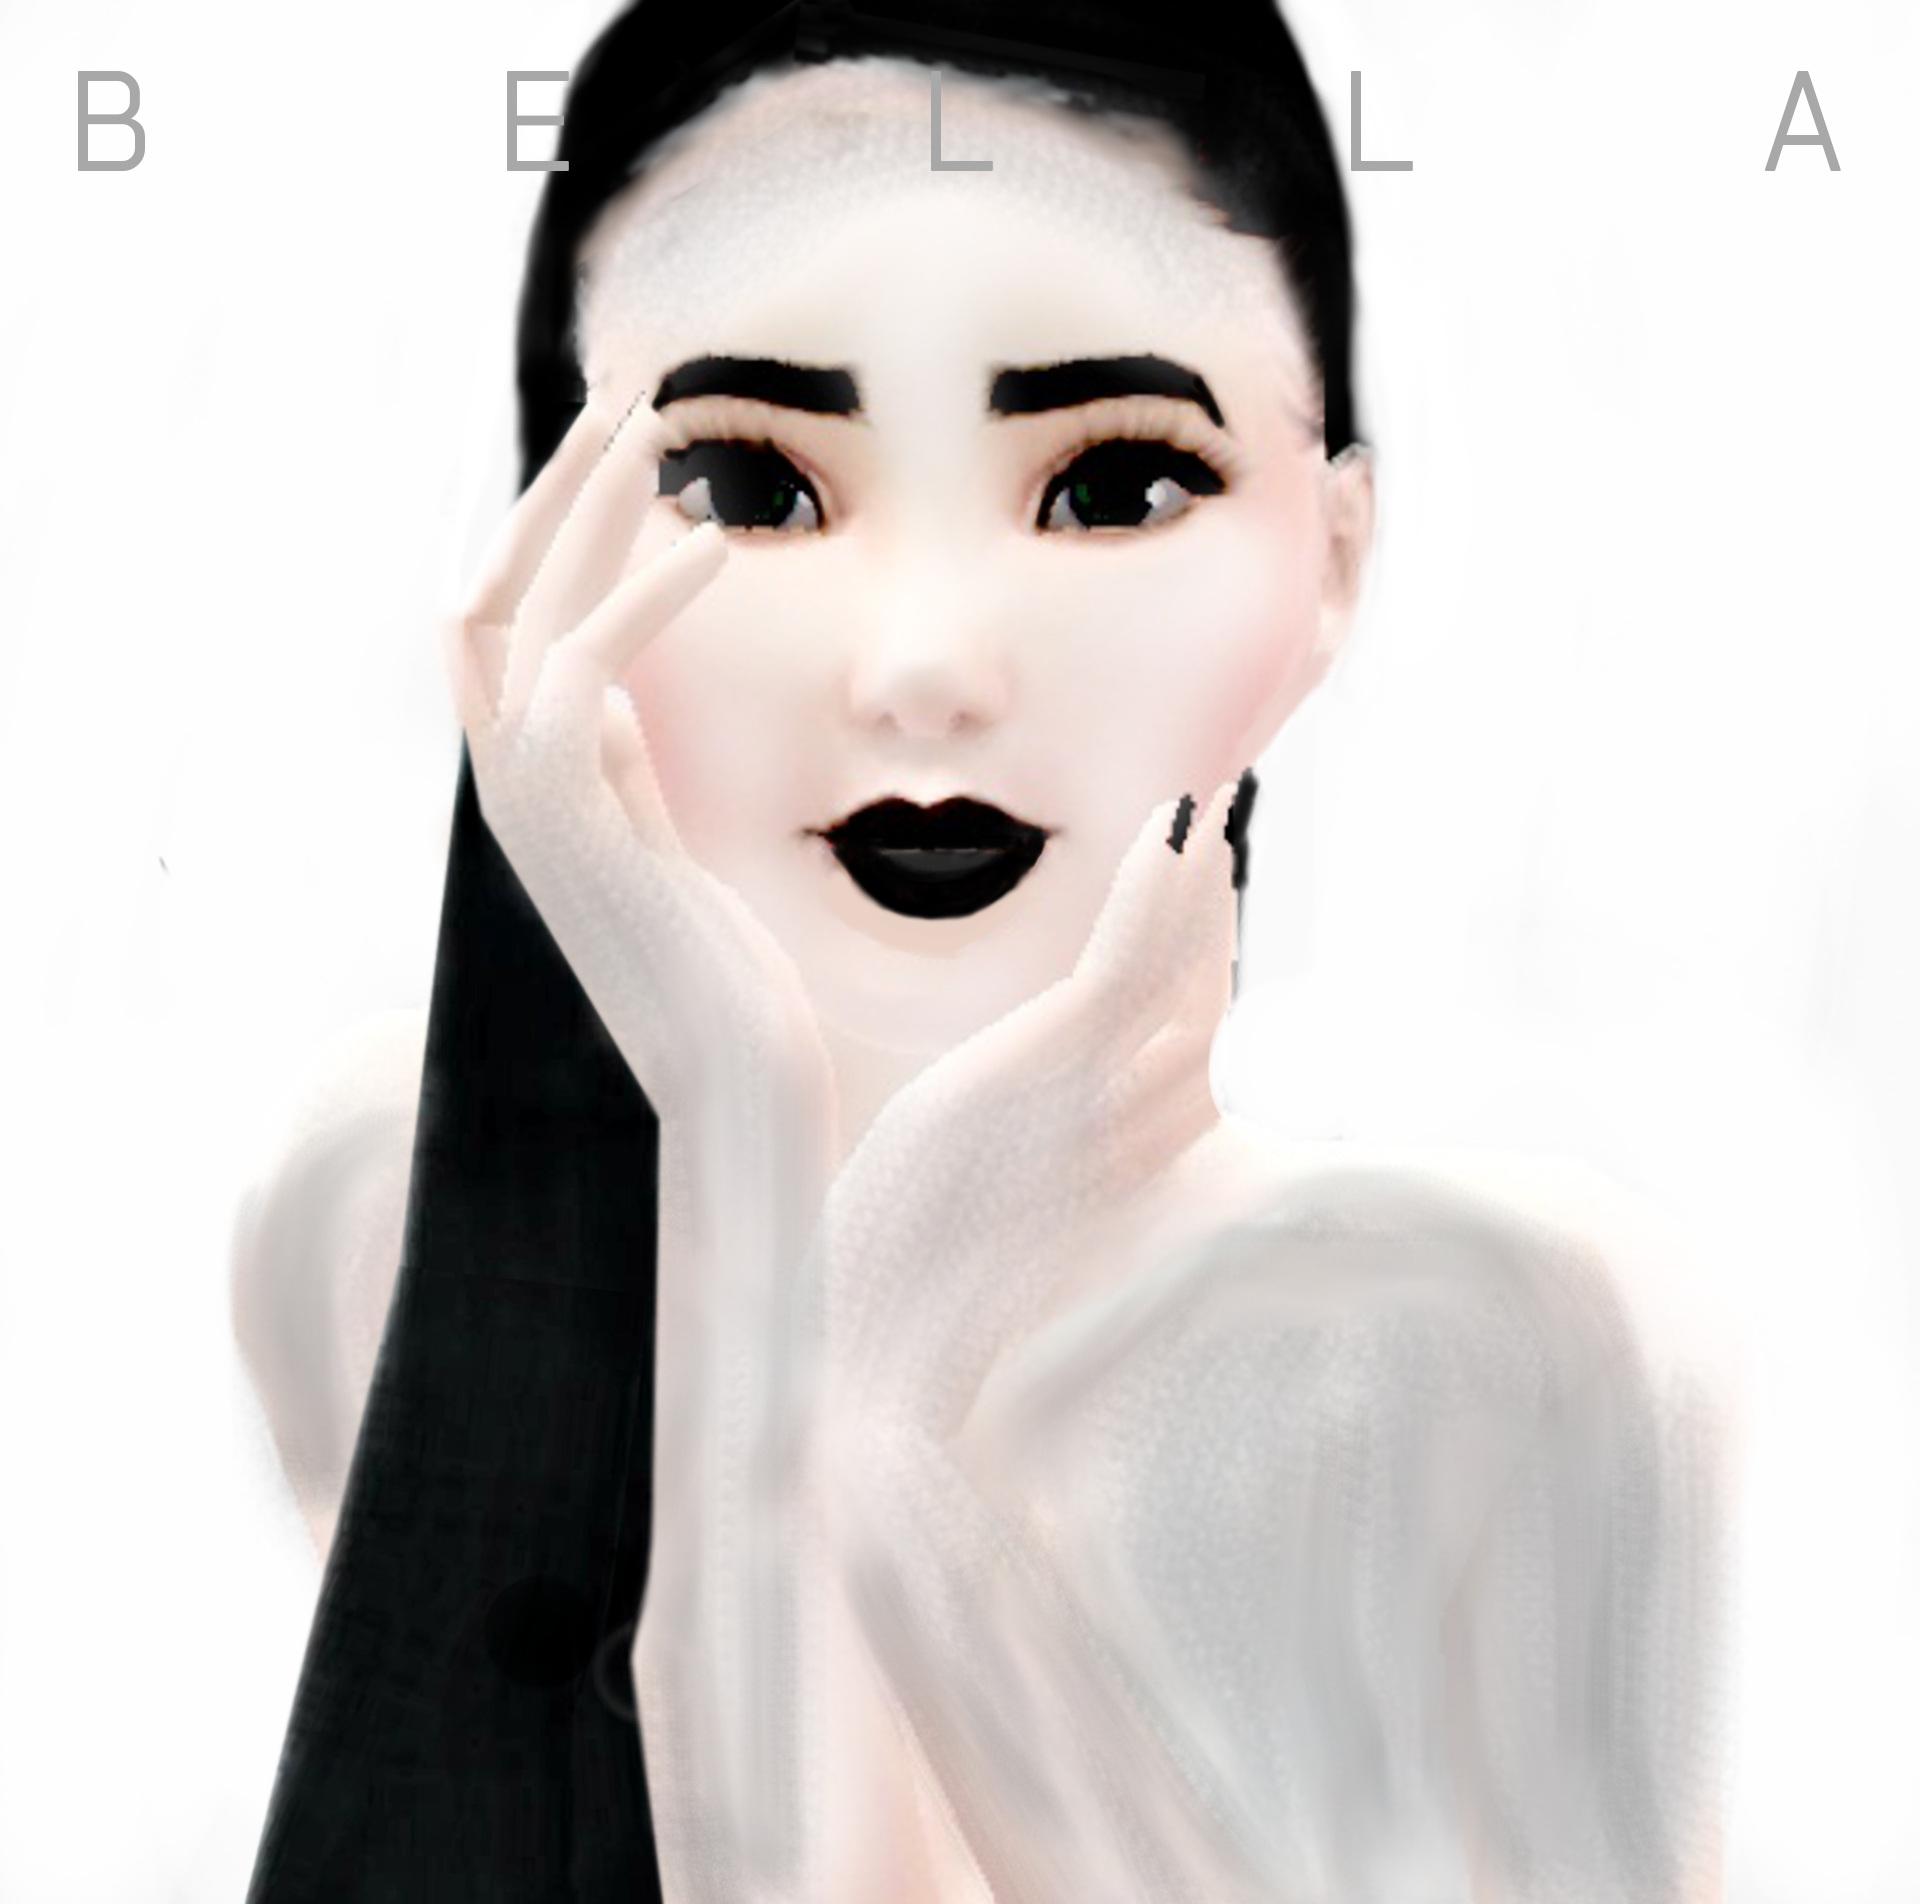 Bella Hartley discography